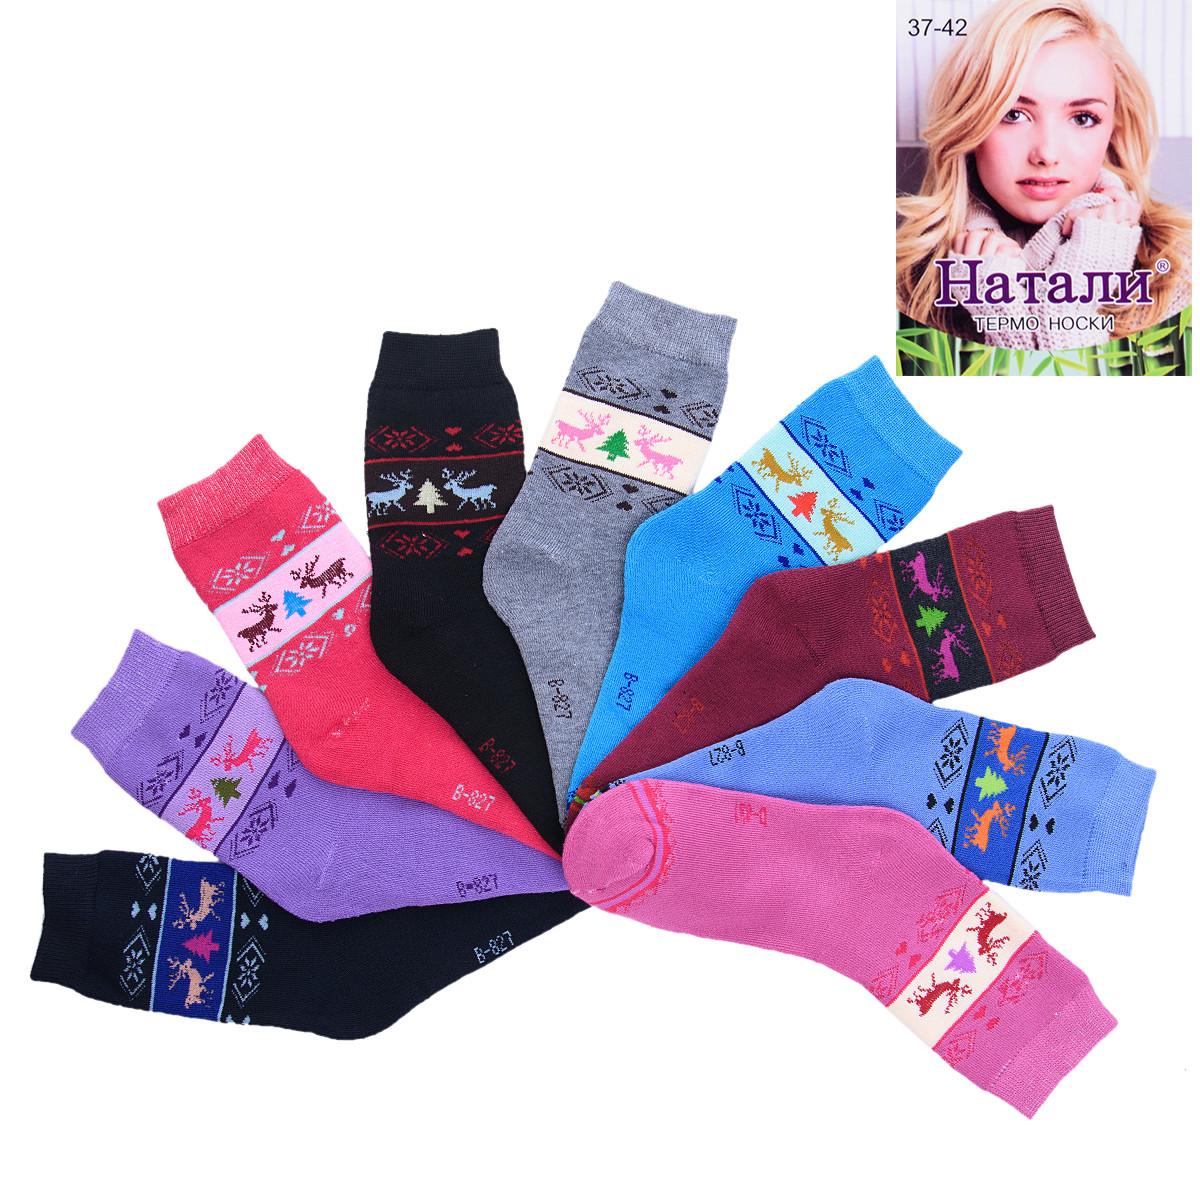 Женские махровые носки с термоэффектом Натали B-827